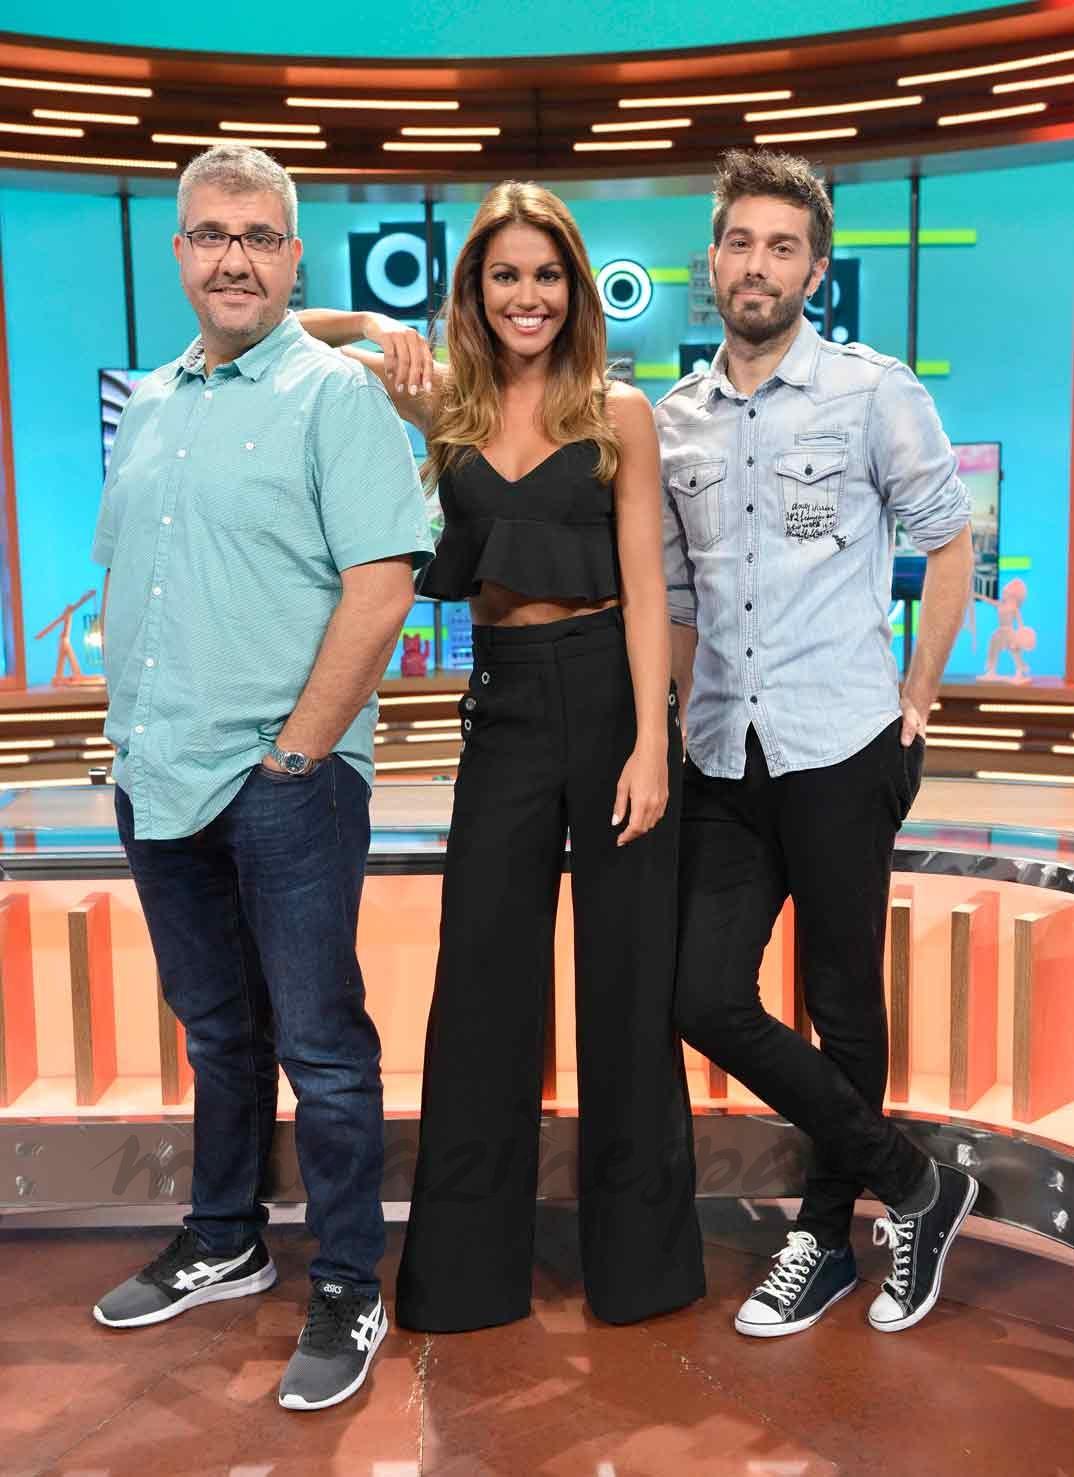 Florentino Fernández, Lara Álvarez y Dani Martínez - Dani & Flo